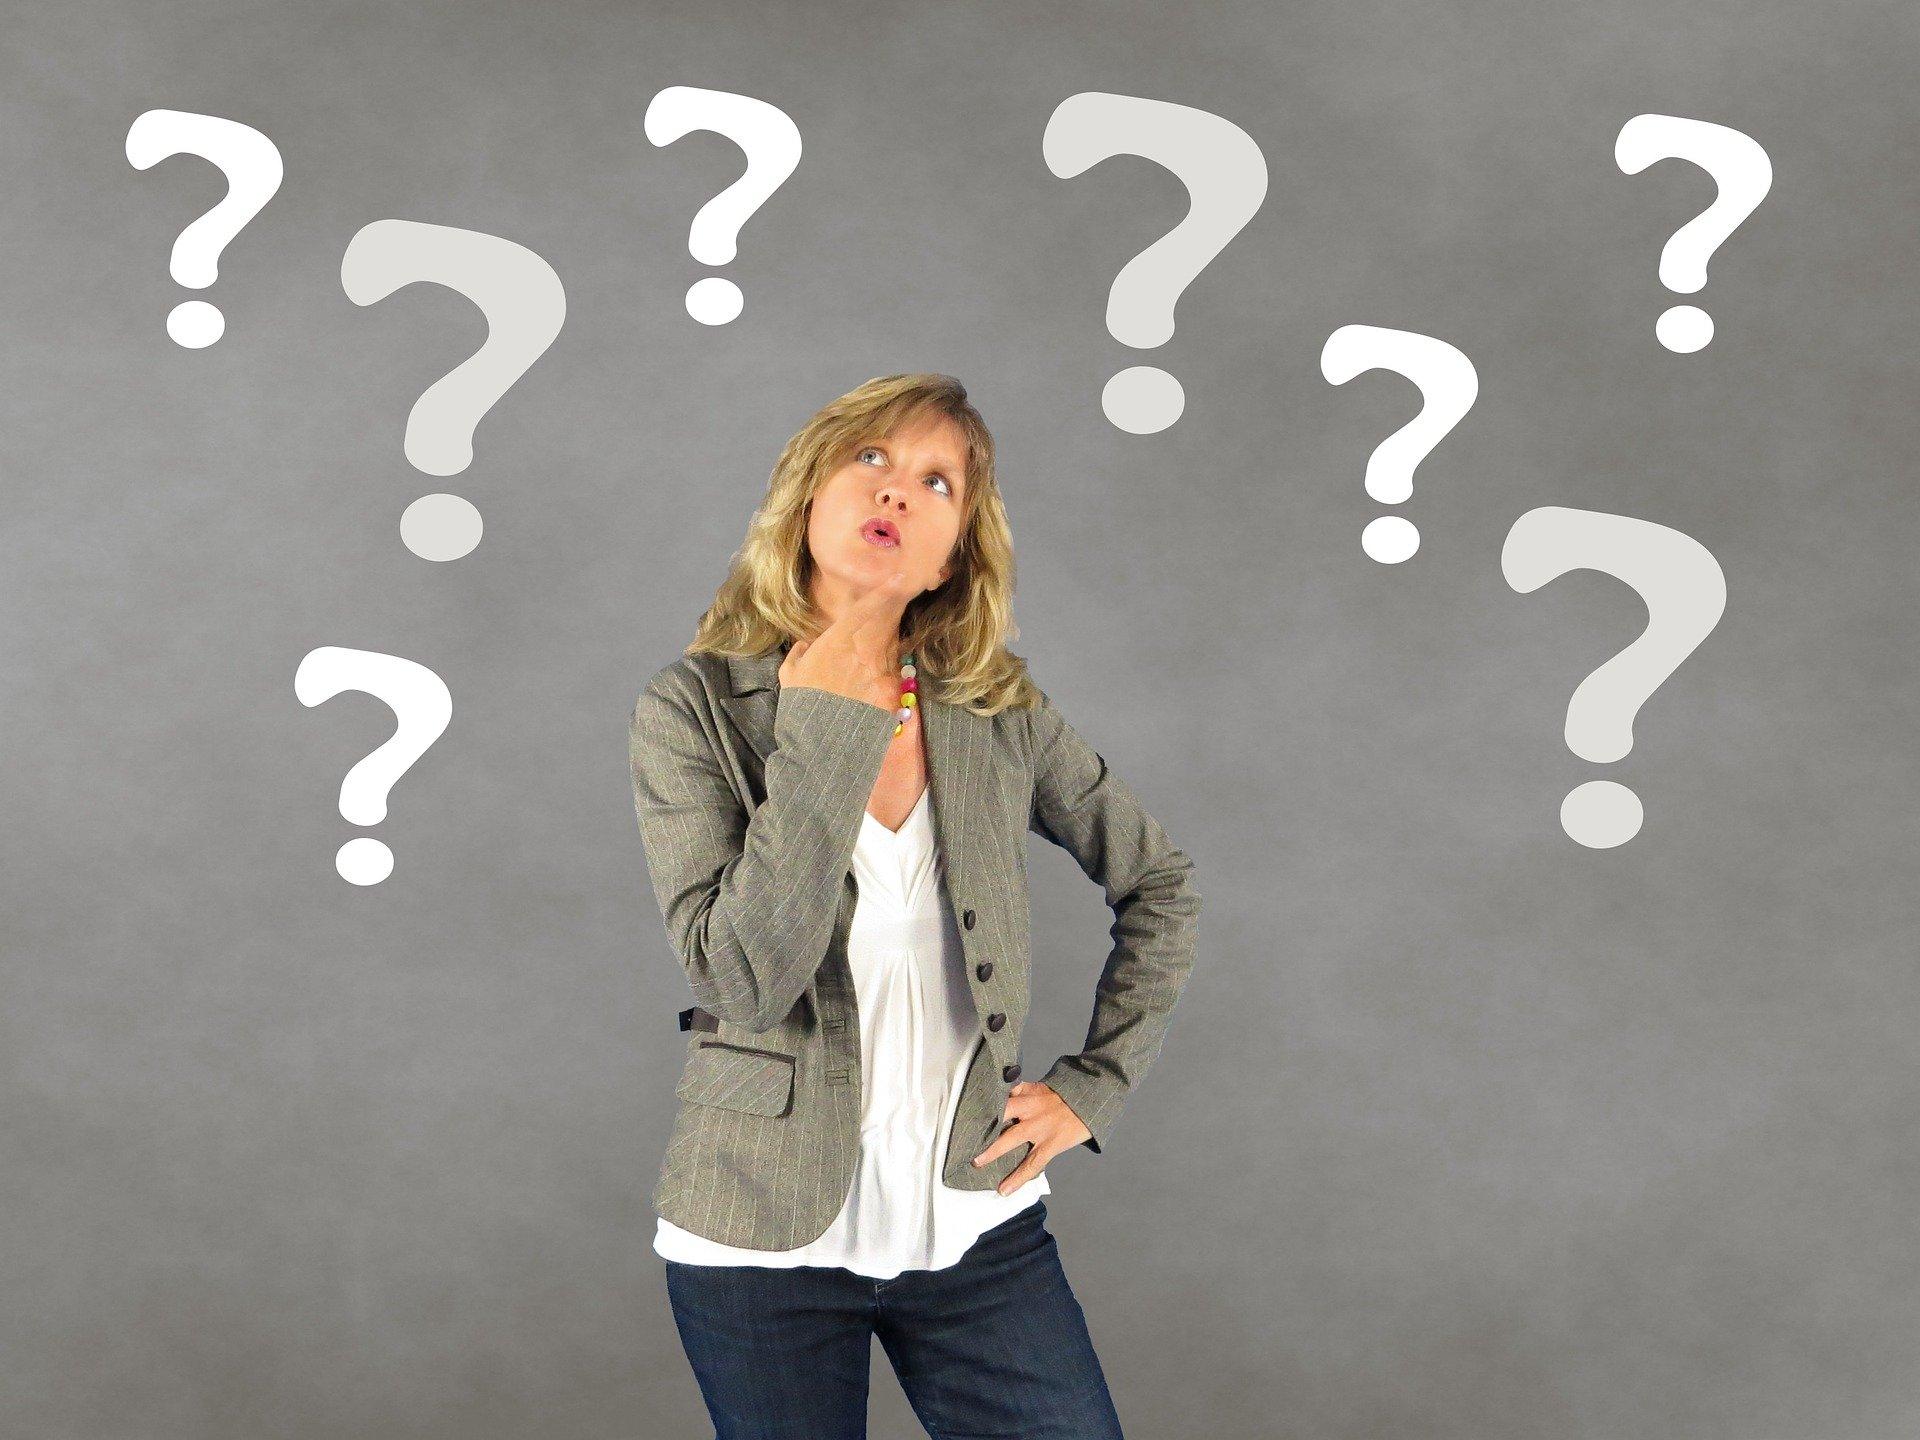 Yüz Temizliği Hakkında Sıkça Sorulan Sorular